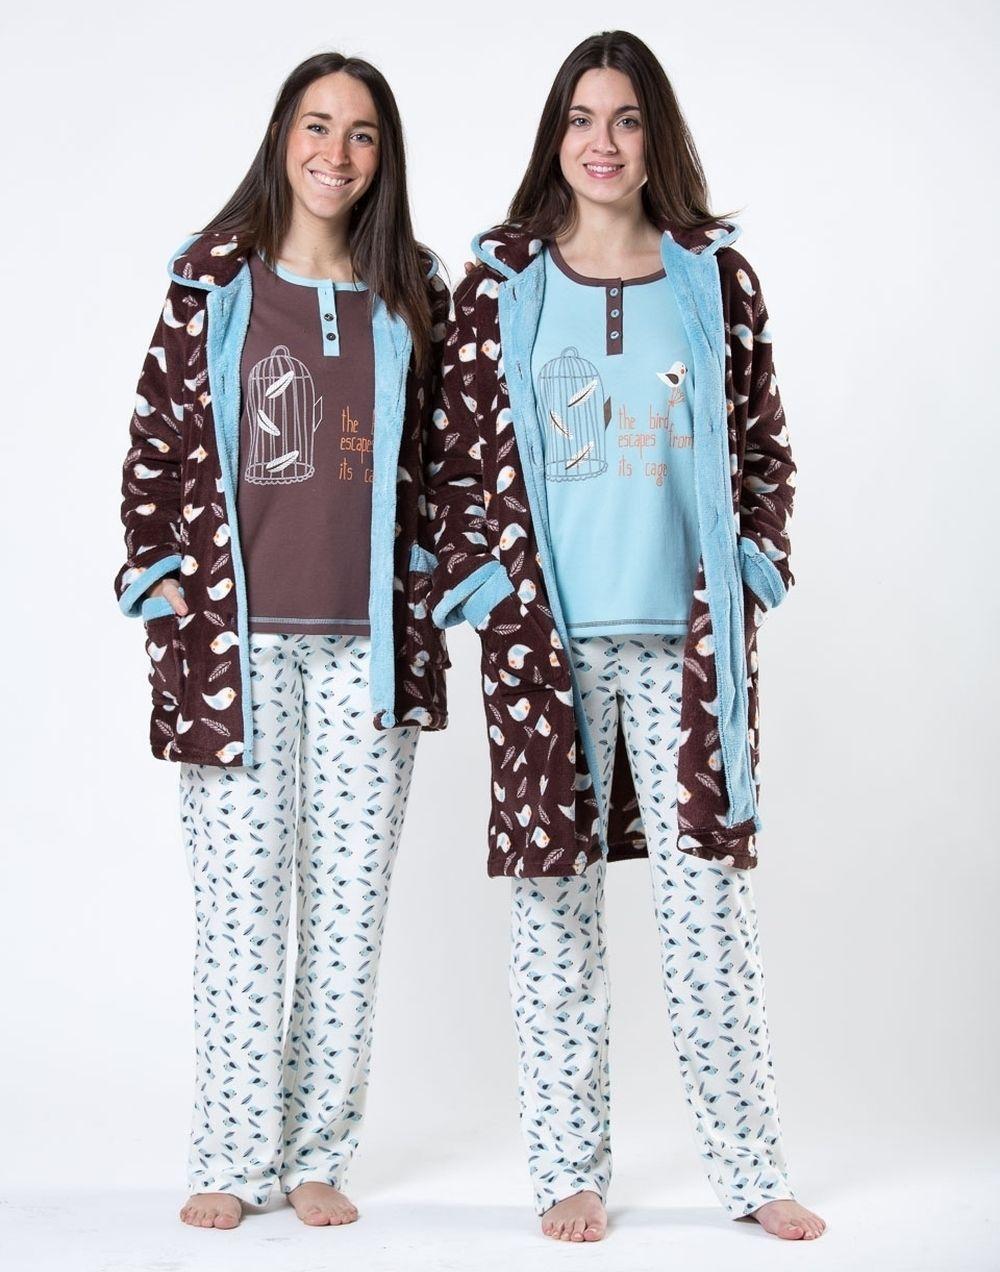 33bdec825b pijama bata mujer chica señora estampado gris verde pantalon camiseta largo  bicicleta flores topos diseño ropa noche dormir marron pajaros